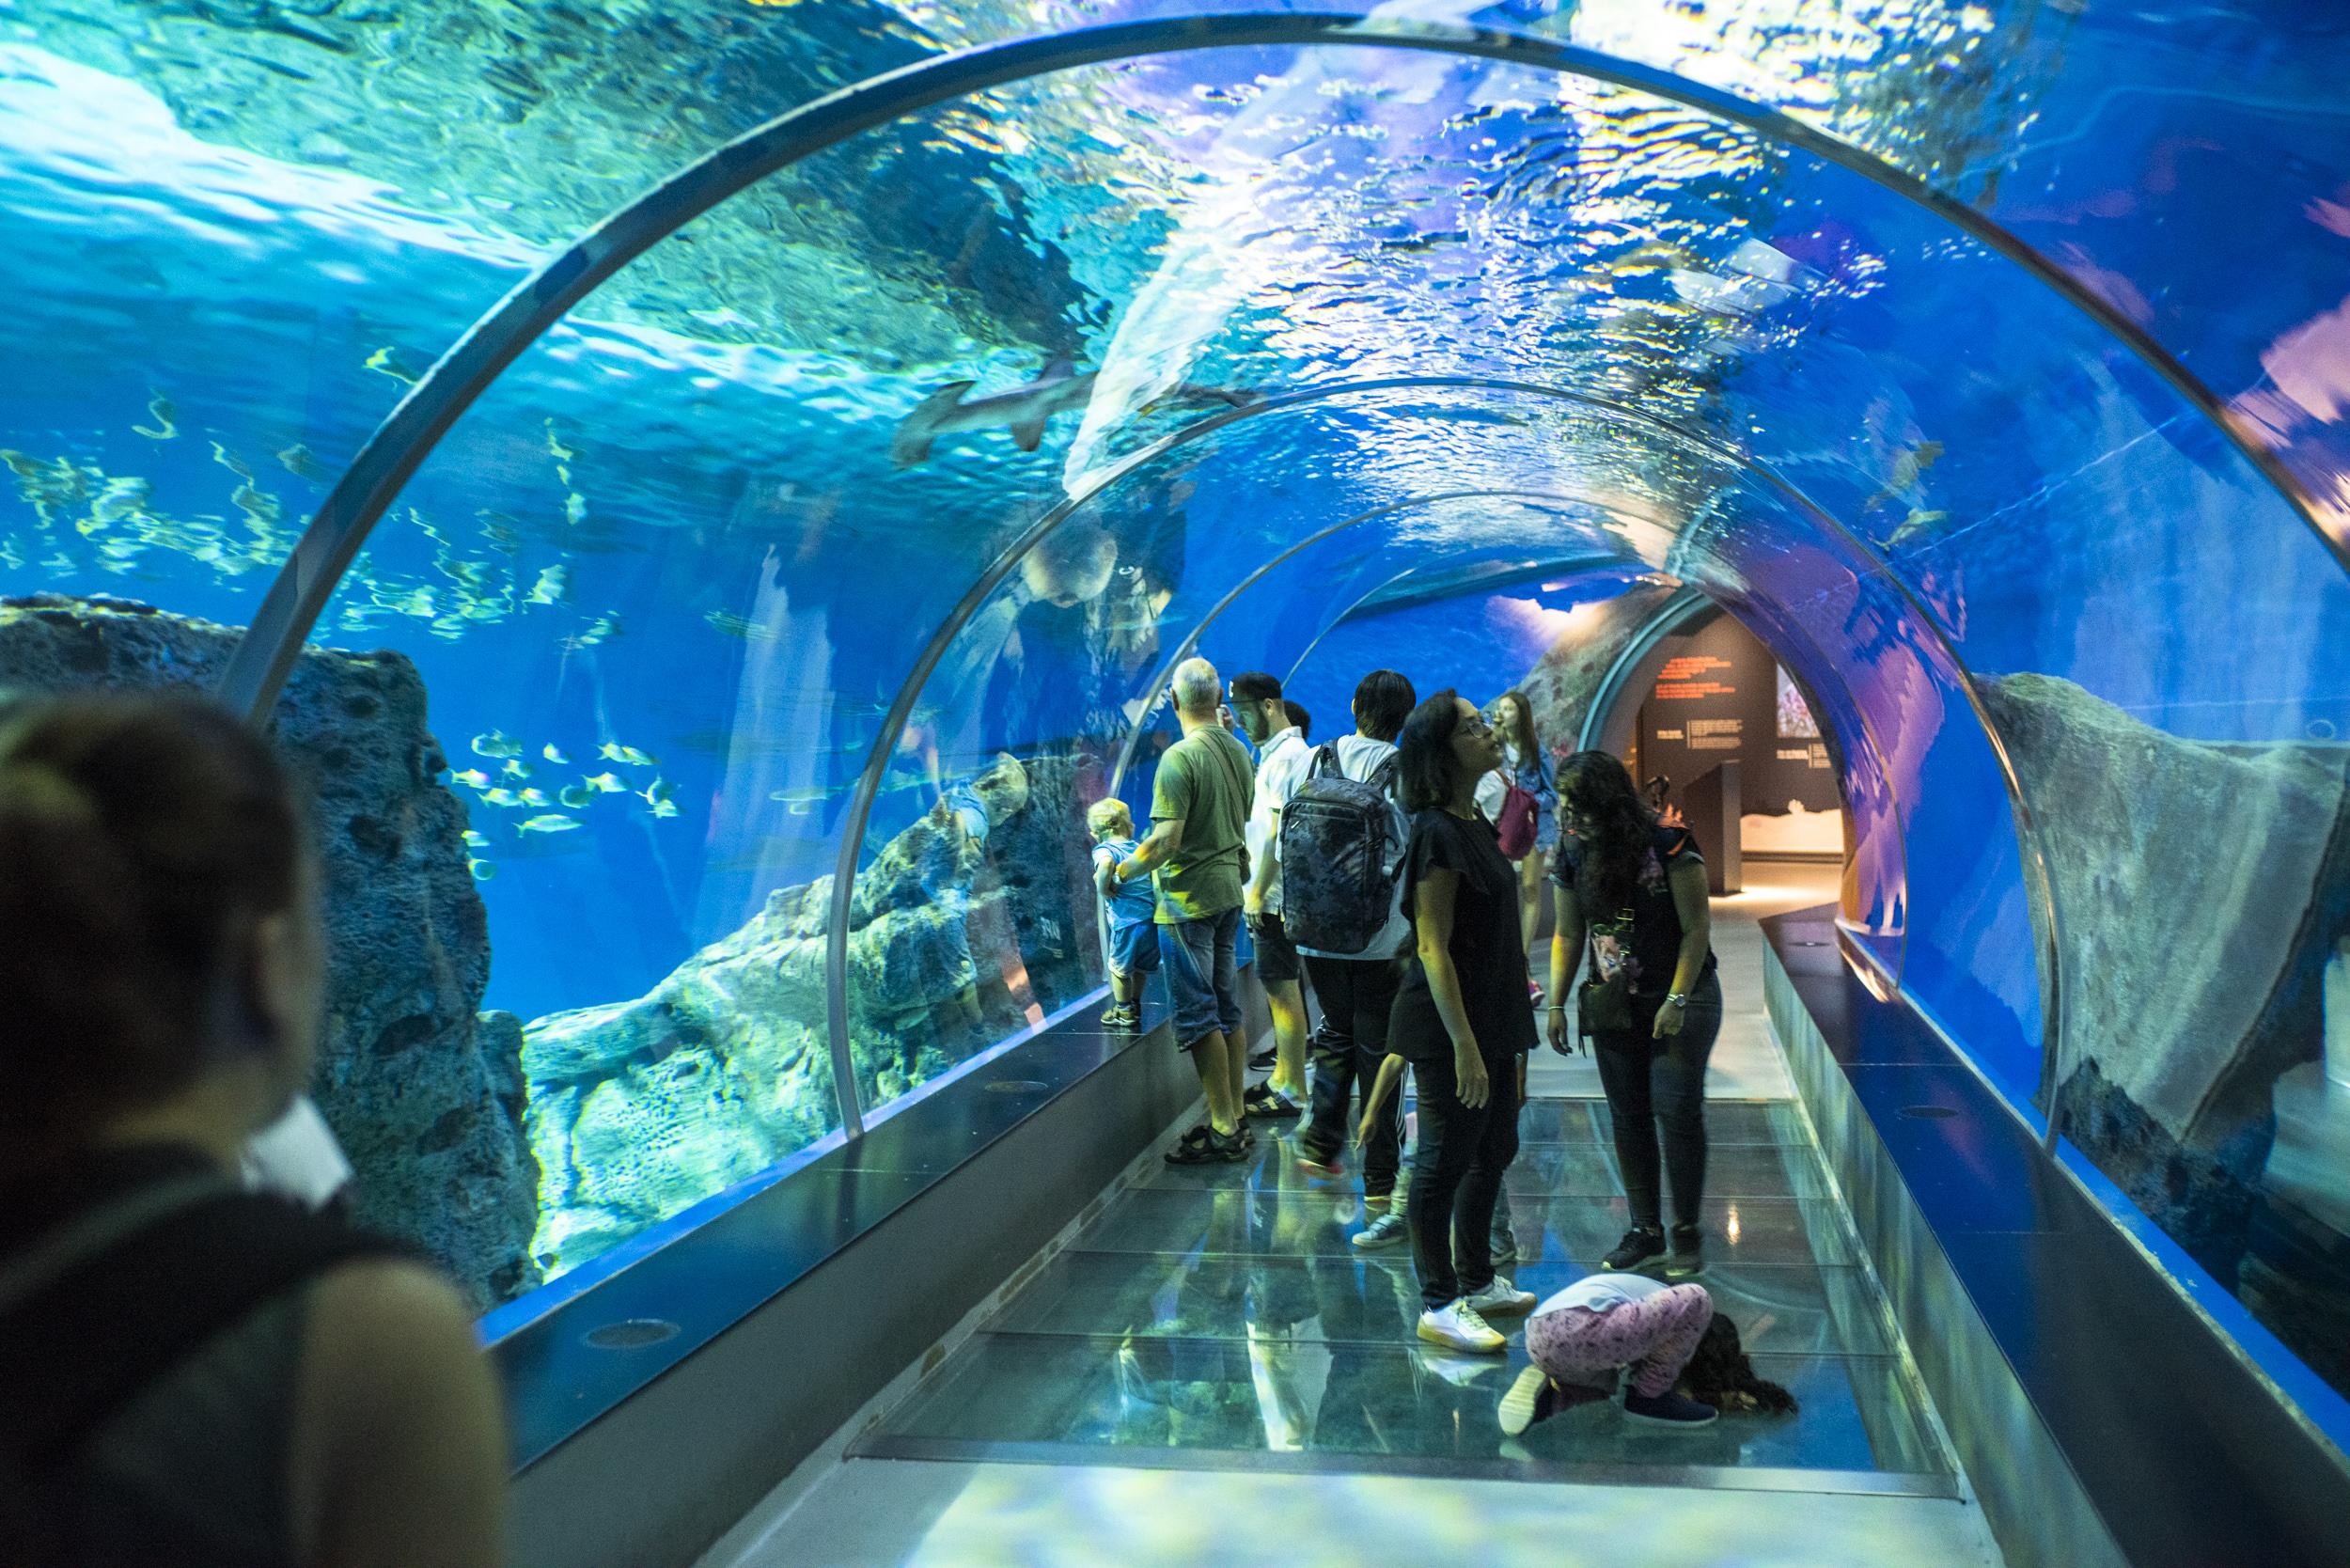 Och även under tunneln fanns det fiskar!